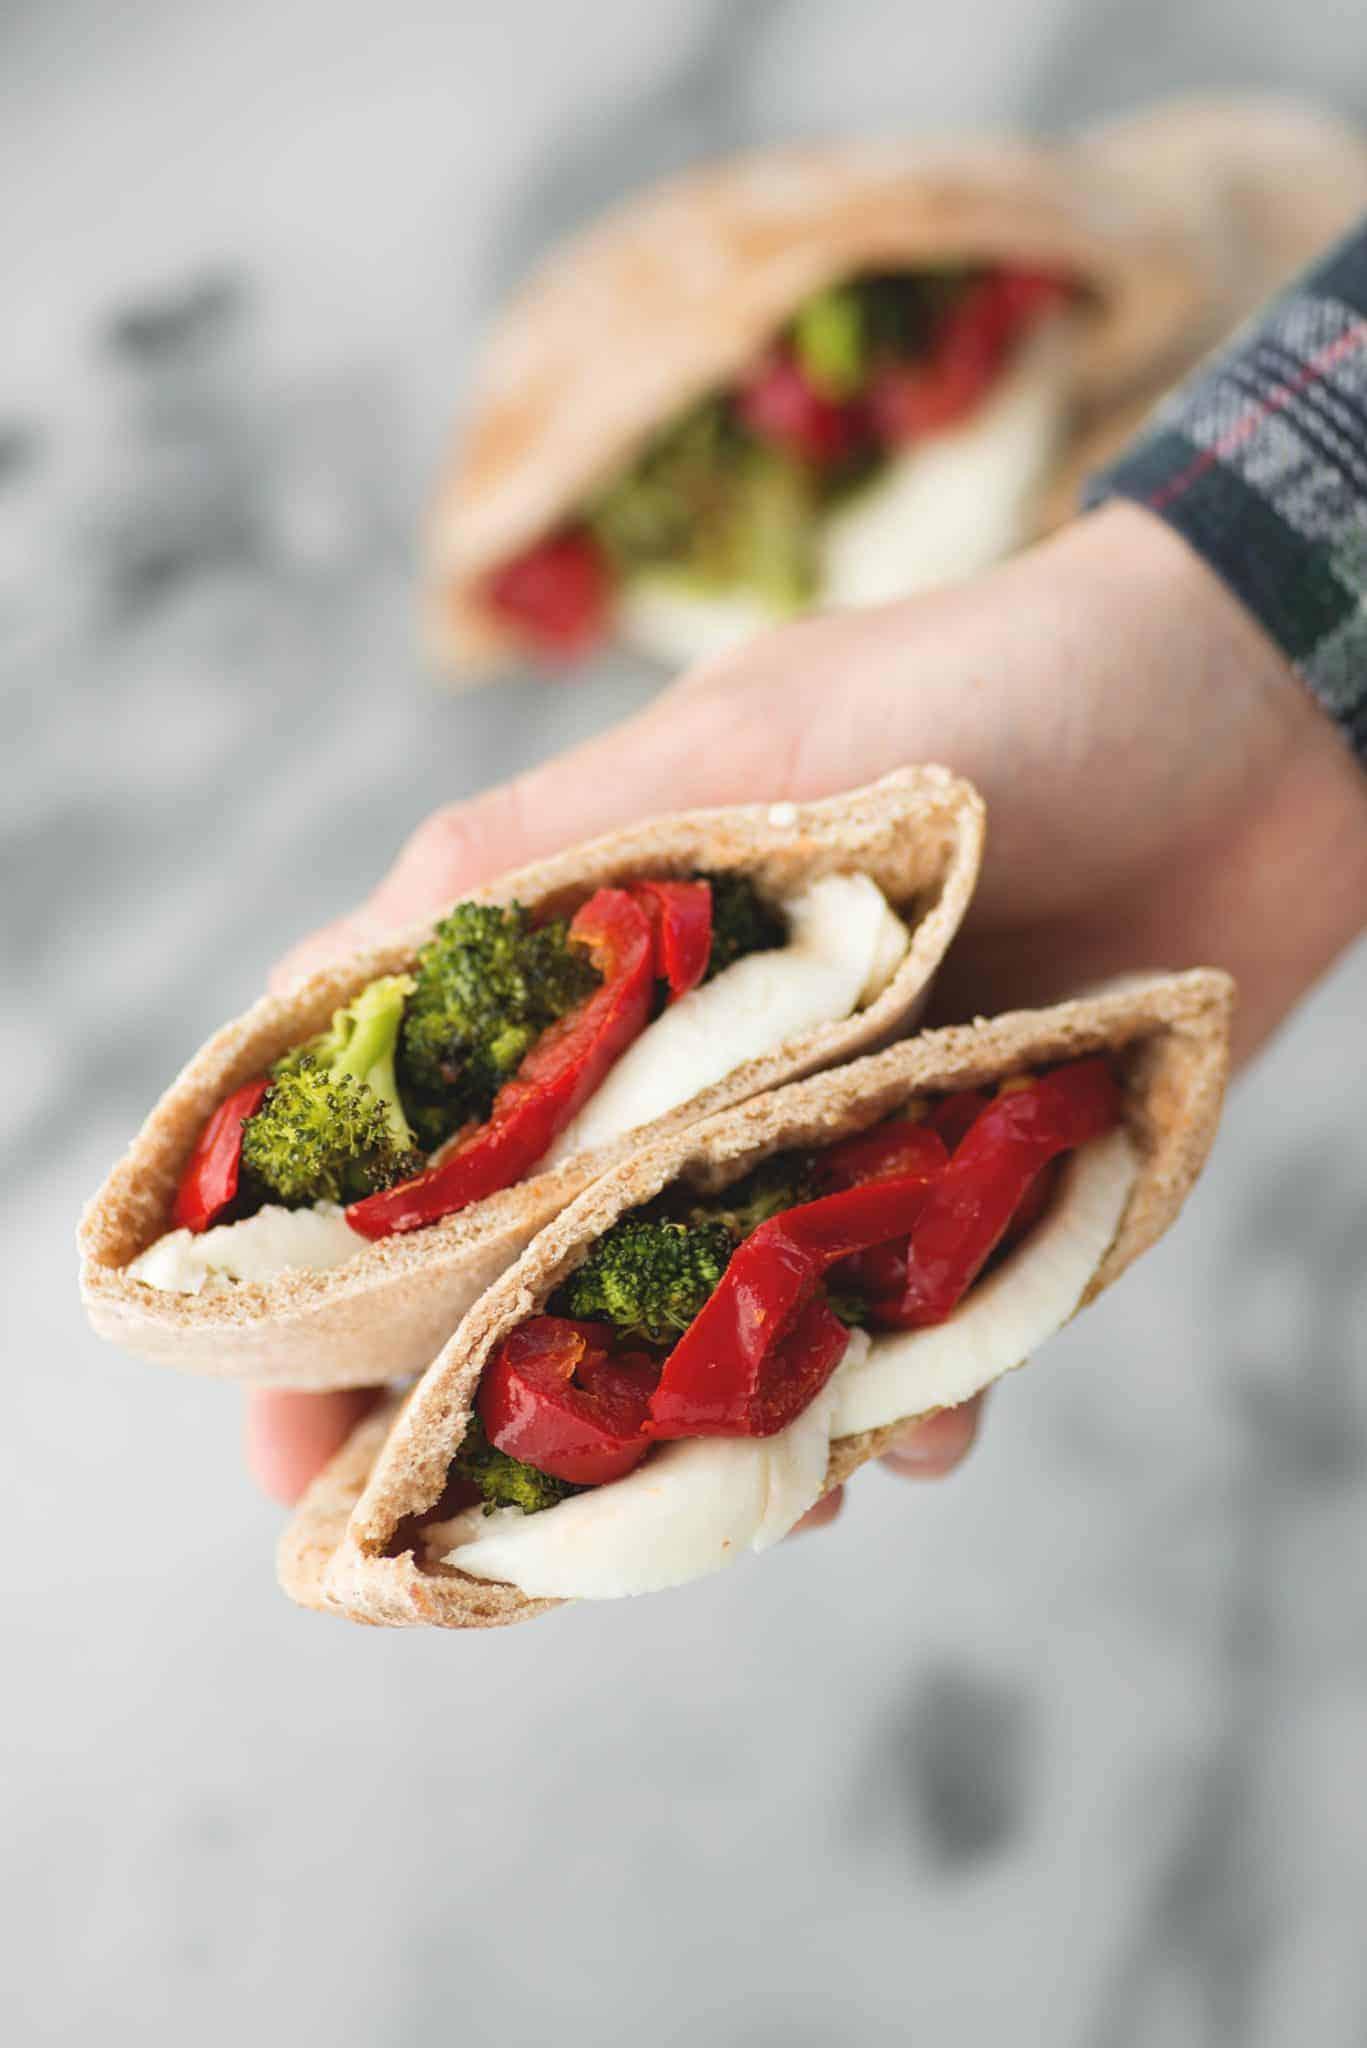 Charred Broccoli and Mozzarella Sandwich! A unique take on a vegetarian sandwich. Spicy, creamy and delicious. | www.delishknowledge.com